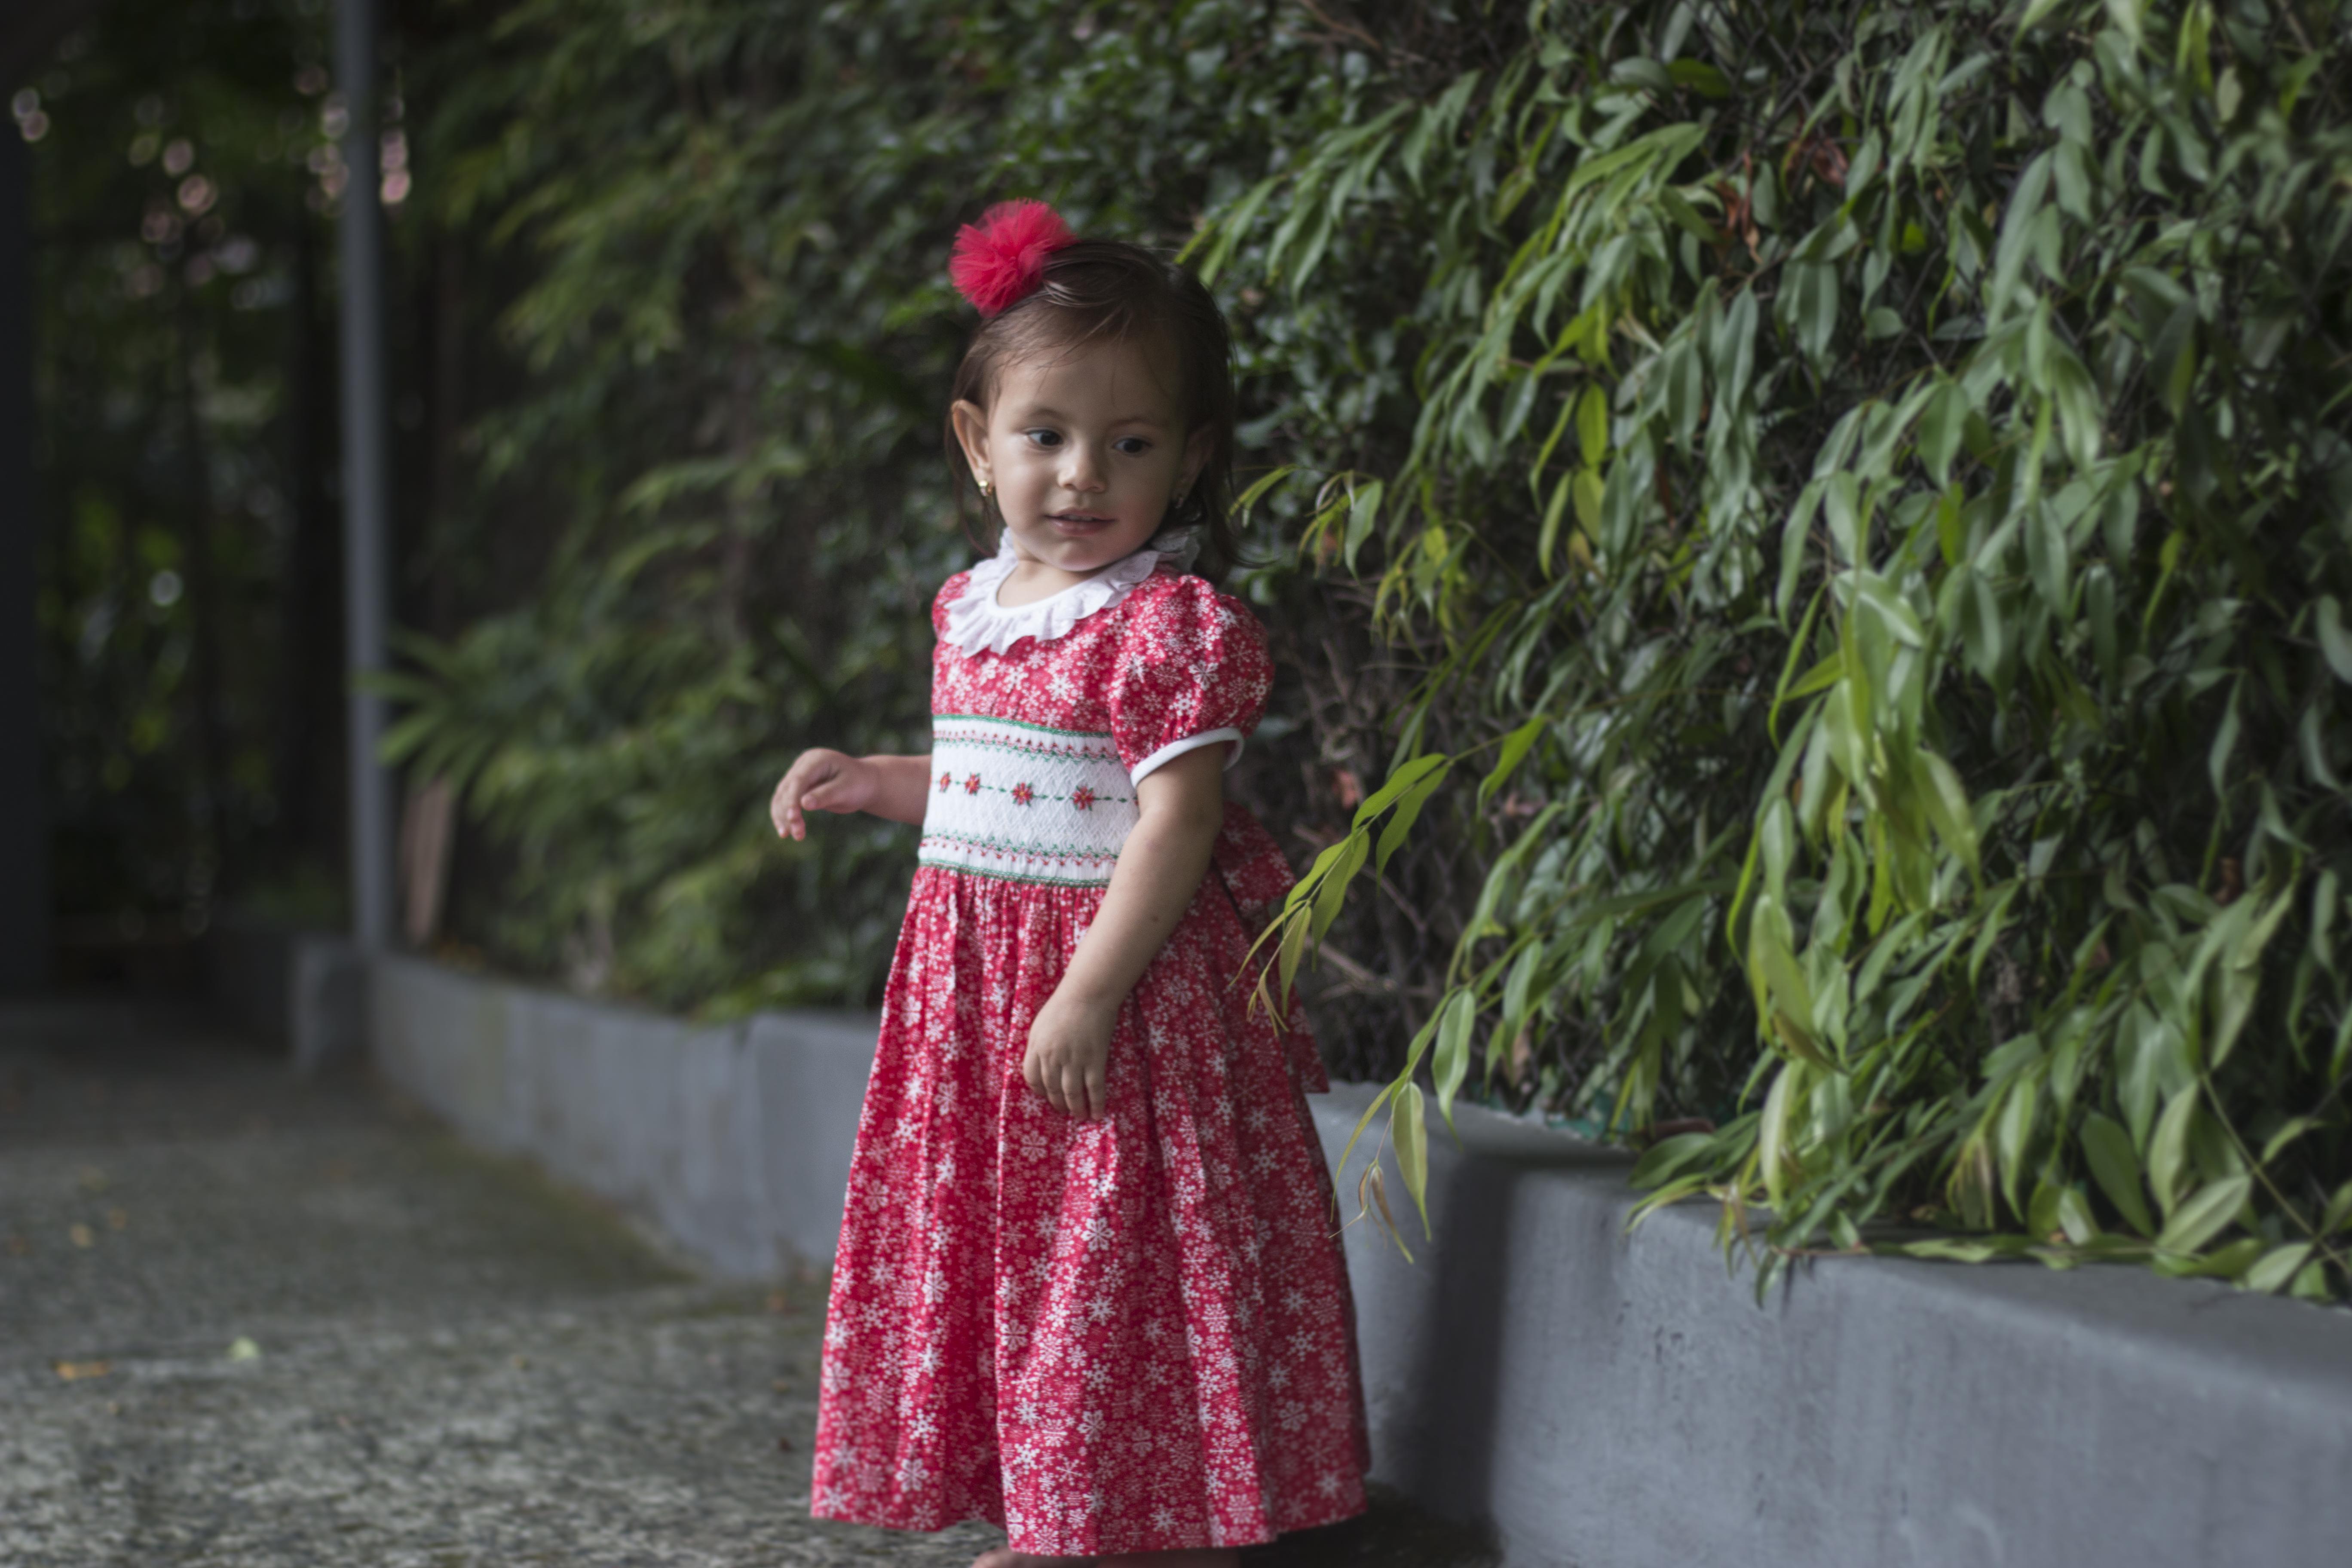 Fotografia, Niños, bebe, Navidad